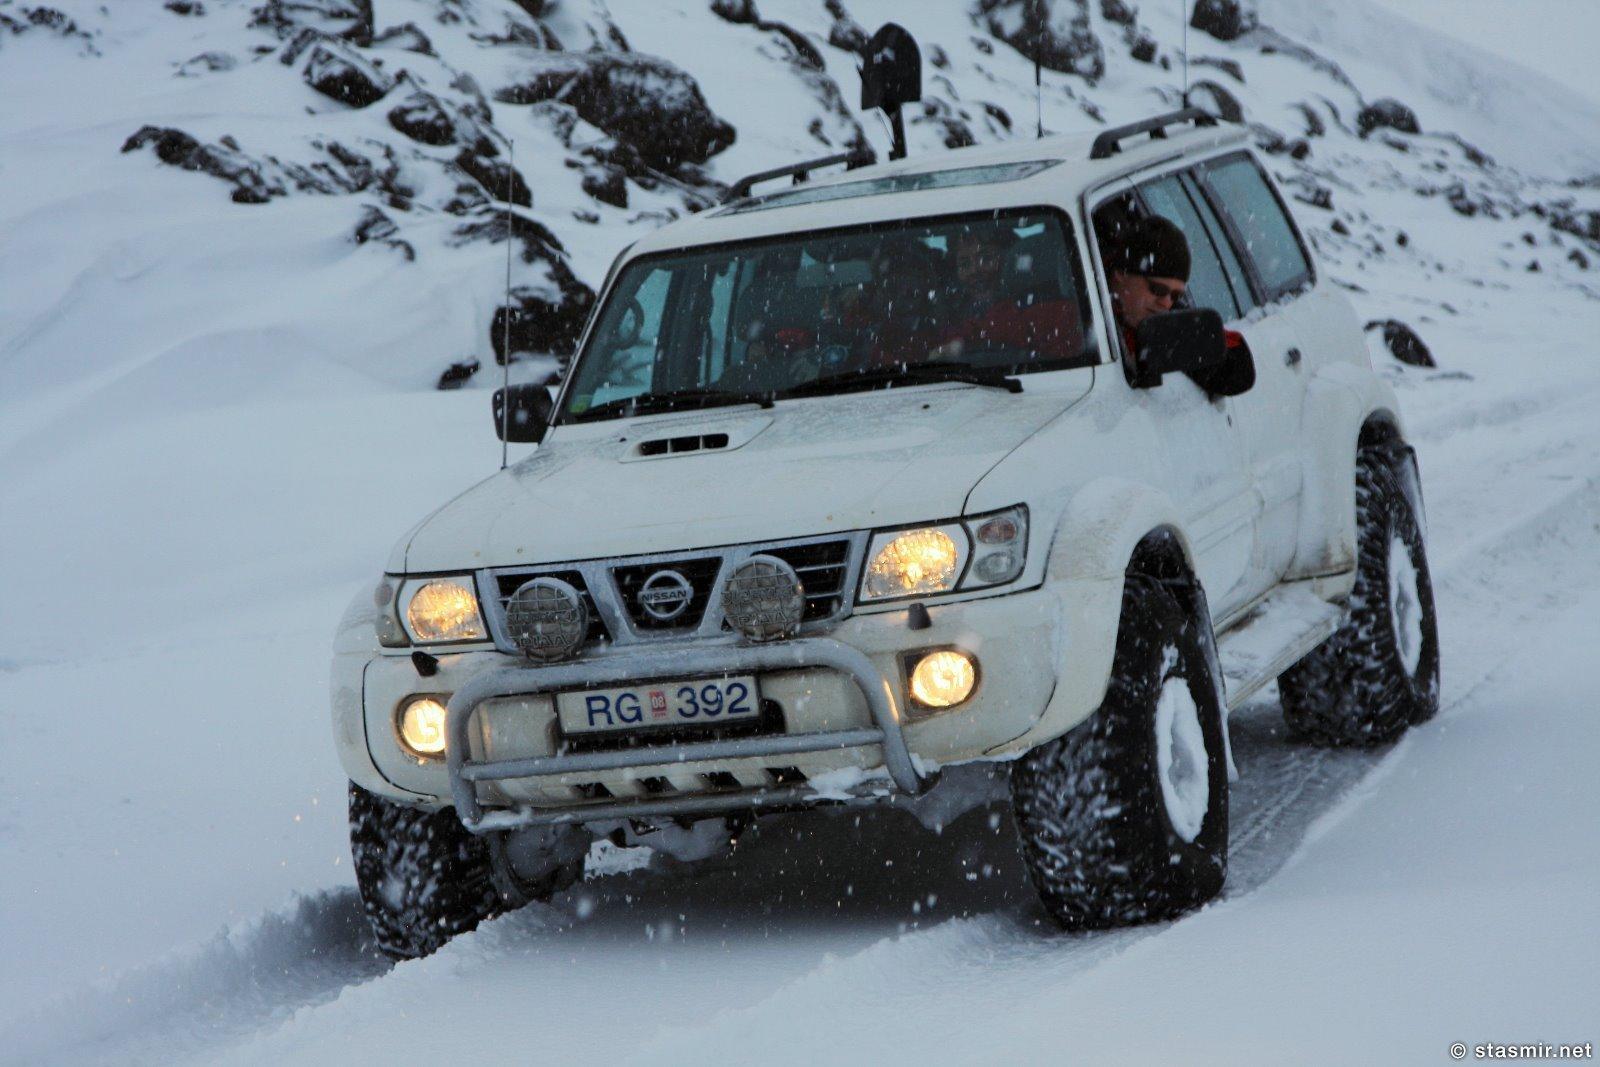 Ниссан Патруль буксует в снегу по пути в Ландманналёйгар, Исландия